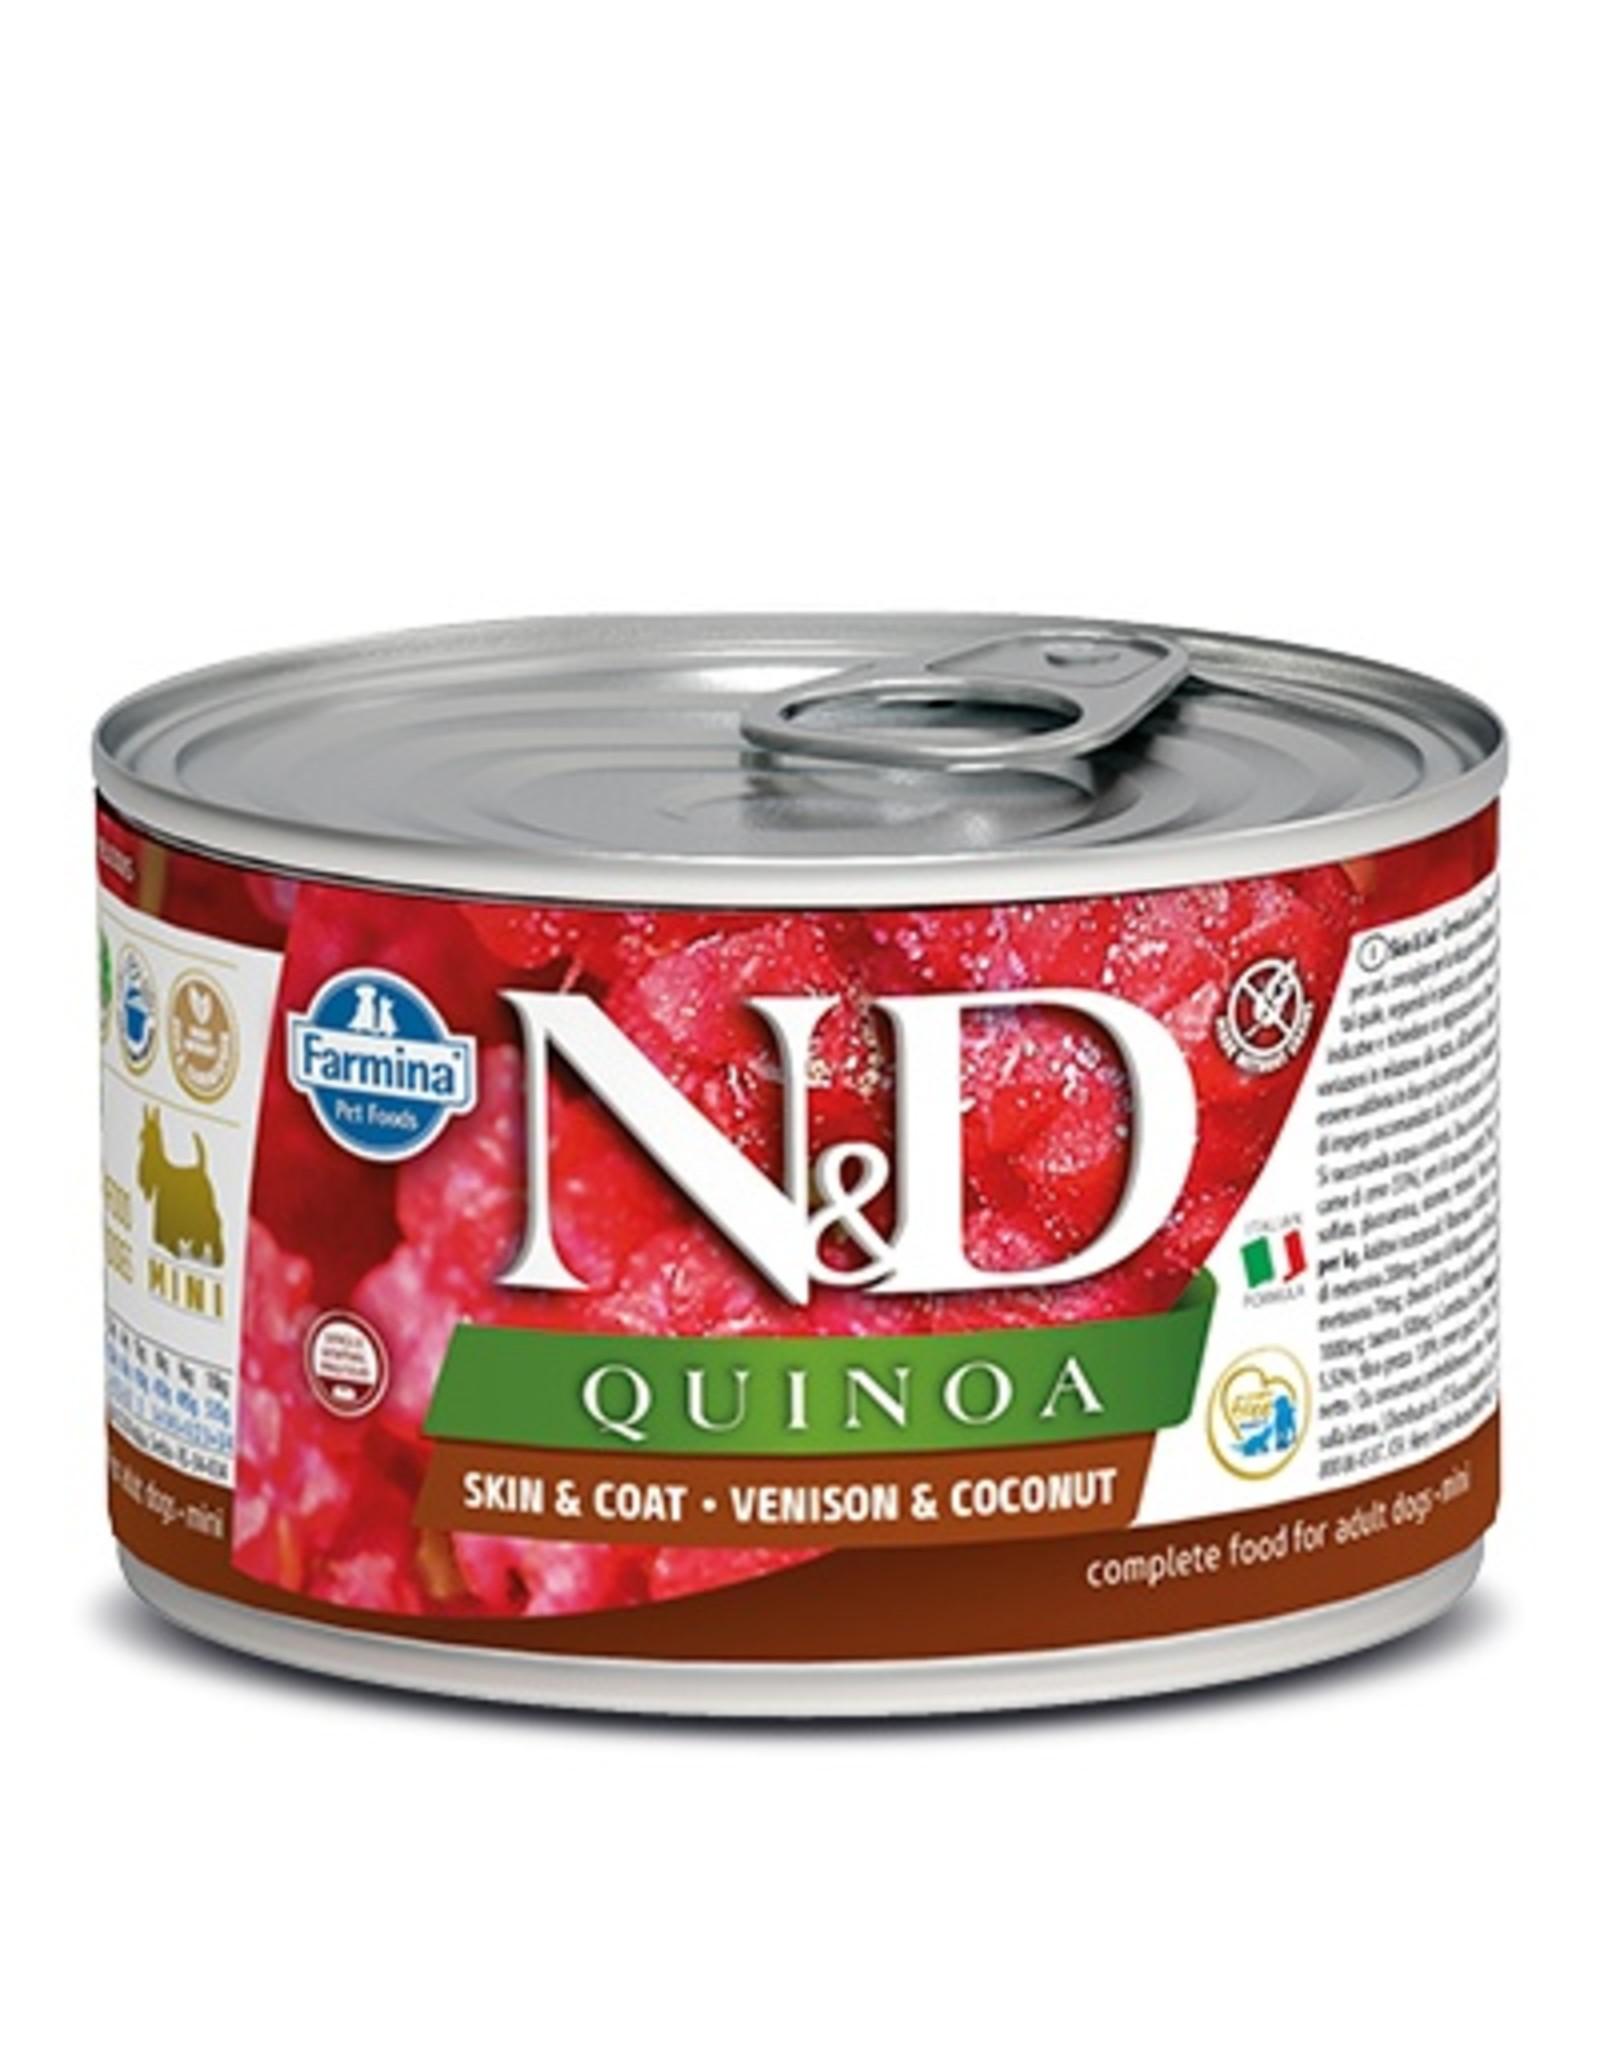 Farmina Farmina Dog N&D Quinoa - Venison Skin & Coat